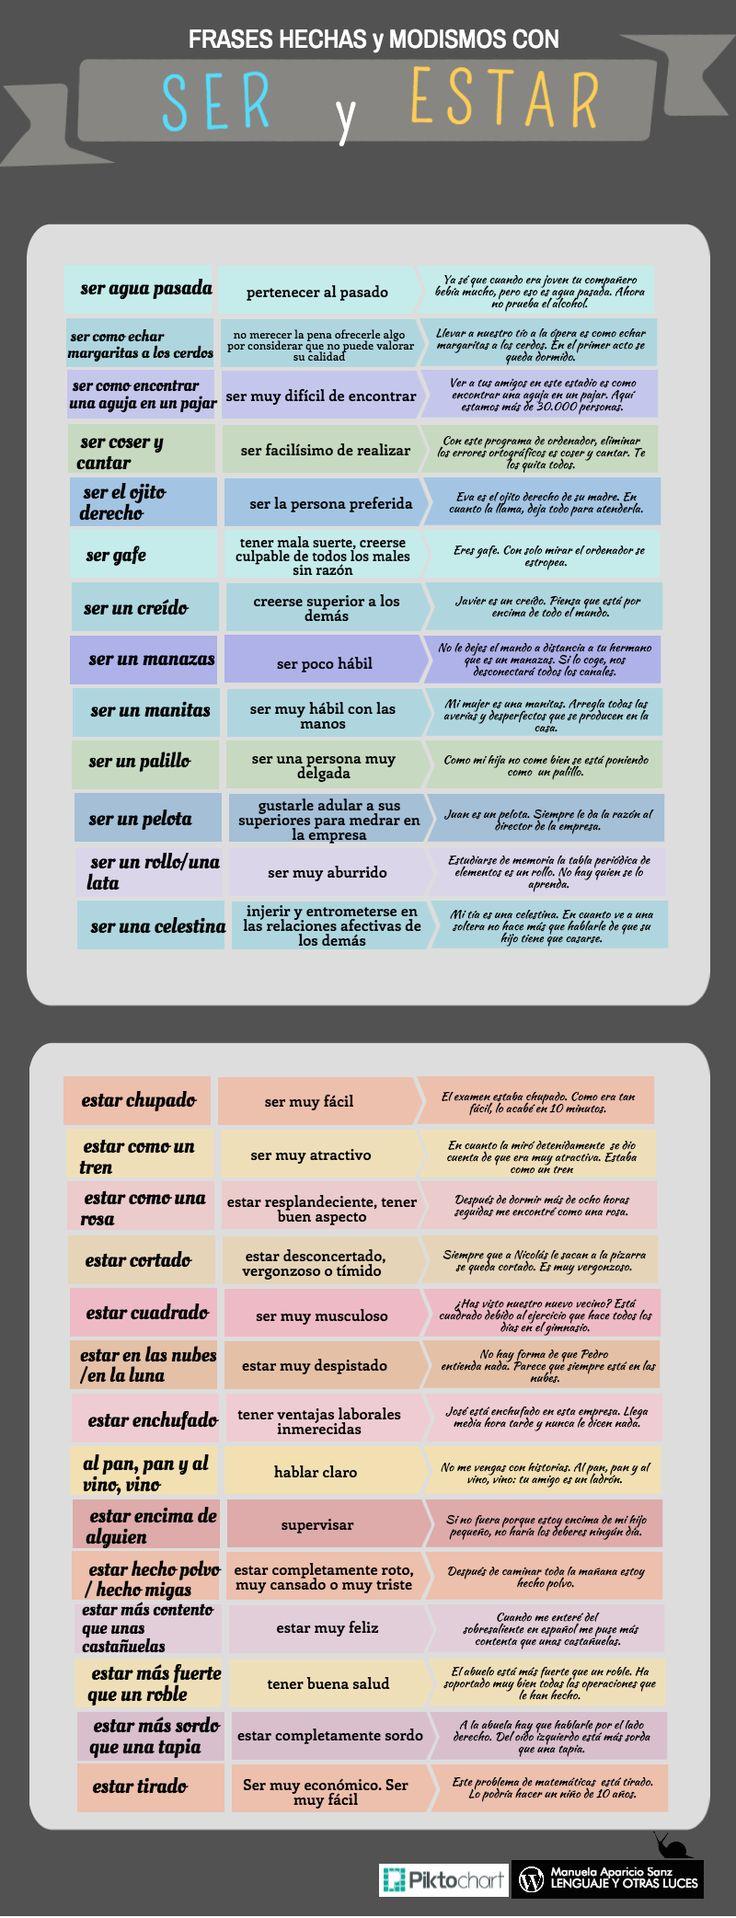 Frases hechas, modismos, expresiones idiomáticas con los verbos ser y estar. https://lenguajeyotrasluces.wordpress.com/